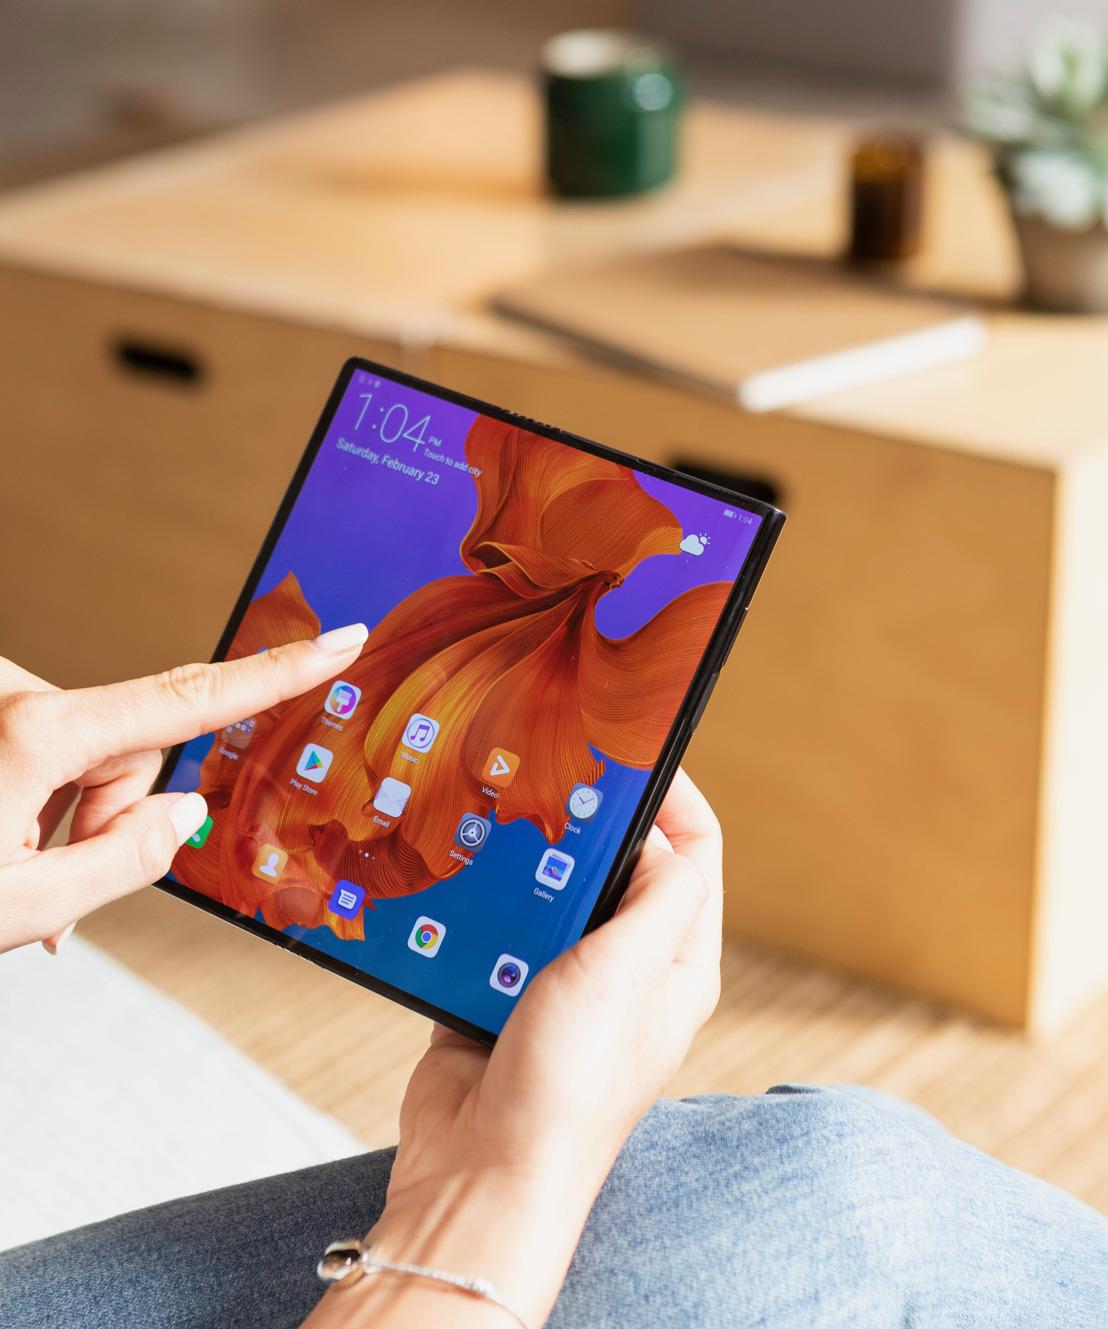 MWC 2019: Huawei introduceert een indrukwekkende reeks aan innovatieve producten